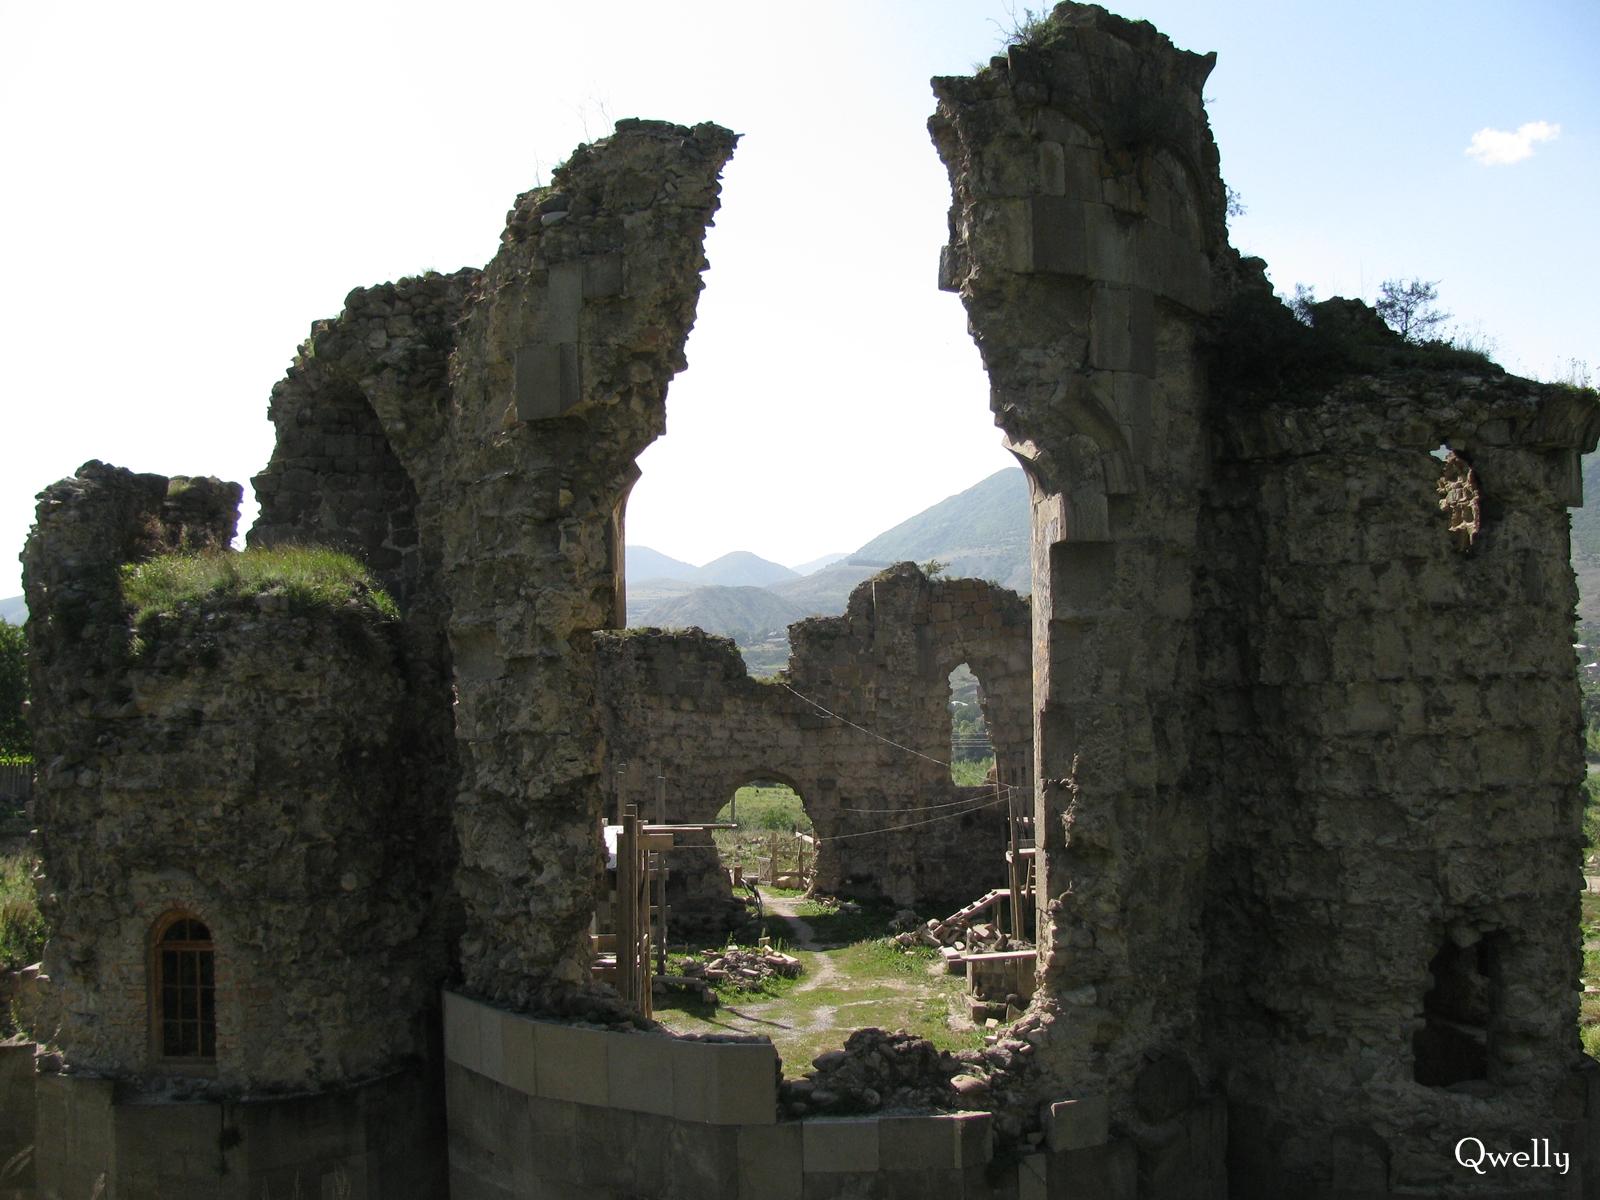 ტაძარი დასავლეთიდან, awyuris gmrtismshoblis saxelobis eklesia, blogi, giorgi maisuradzis blogi, qwelly, awyuri, gmrtismshobeli, xati, eklesia, awyuris cixe, castle, virgin icon, church, temple, აწყურის ღმრთისმშობლის სახელობის ტაძარი, ნანგრევები, აწყური, ციხე, აწყურის ციხე, აწყურის ღმრთისმშობელი, ღმრთისმშობლის ხატი, ციხესიმაგრე, ტაძარი, ტაძრის ნანგრევები, გიორგი მაისურაძის ბლოგი, ქველი